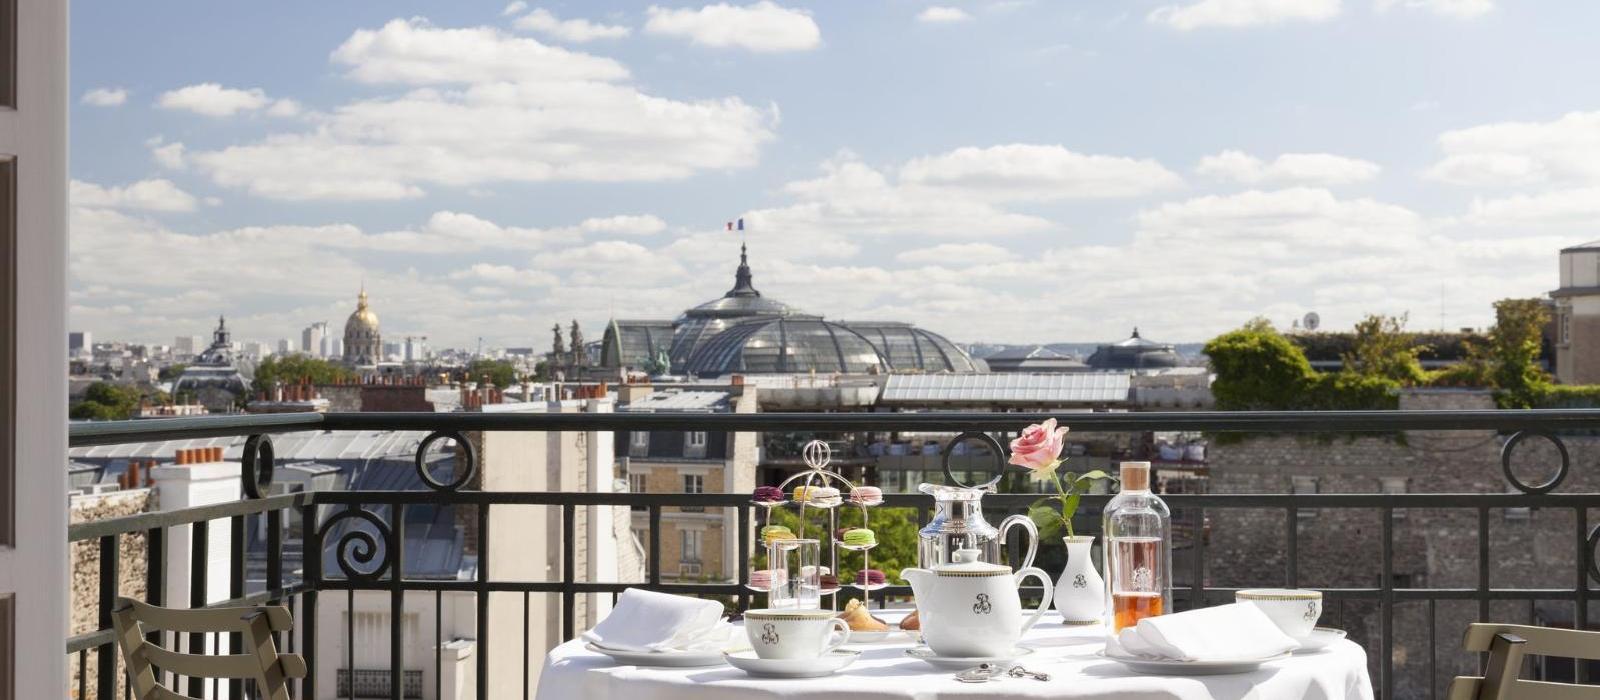 巴黎勒布里斯托酒店 - 欧特家酒店集团(Le Bristol Paris, Oetker Collection) 图片  www.lhw.cn